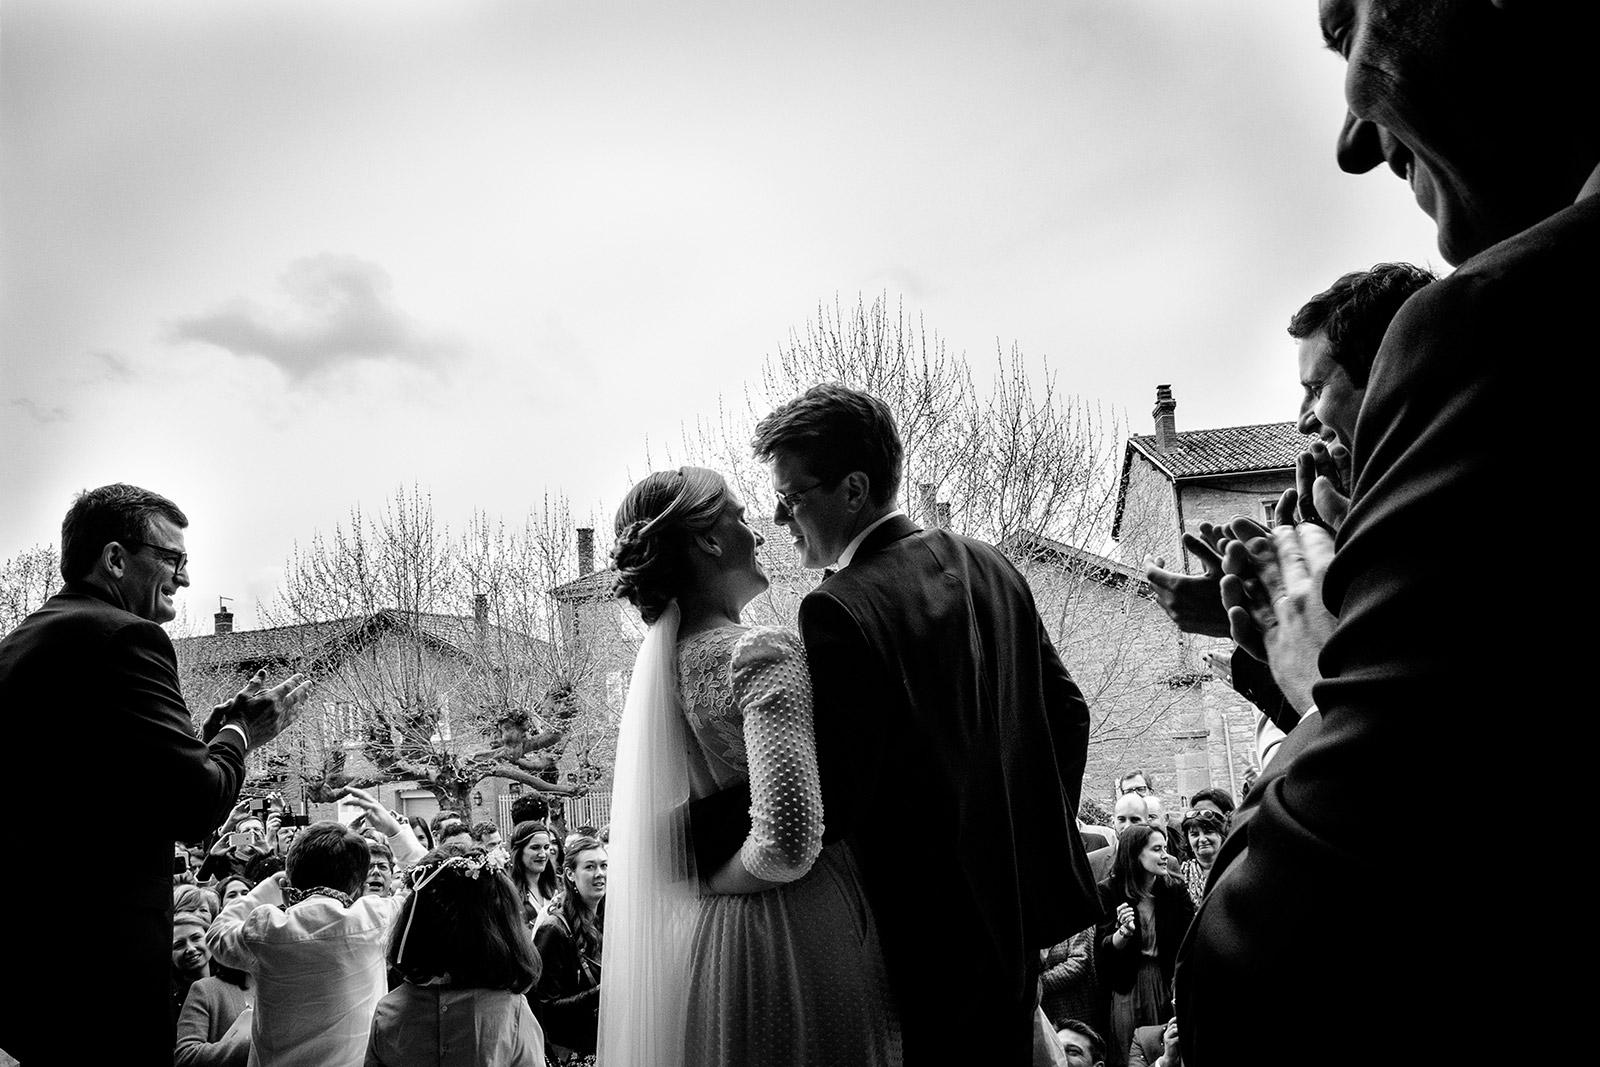 Meilleur photographe de mariage Manoir de la Garde photographe mariage manoir de la Garde. Castille ALMA photographe de mariage au Manoir de la Garde.